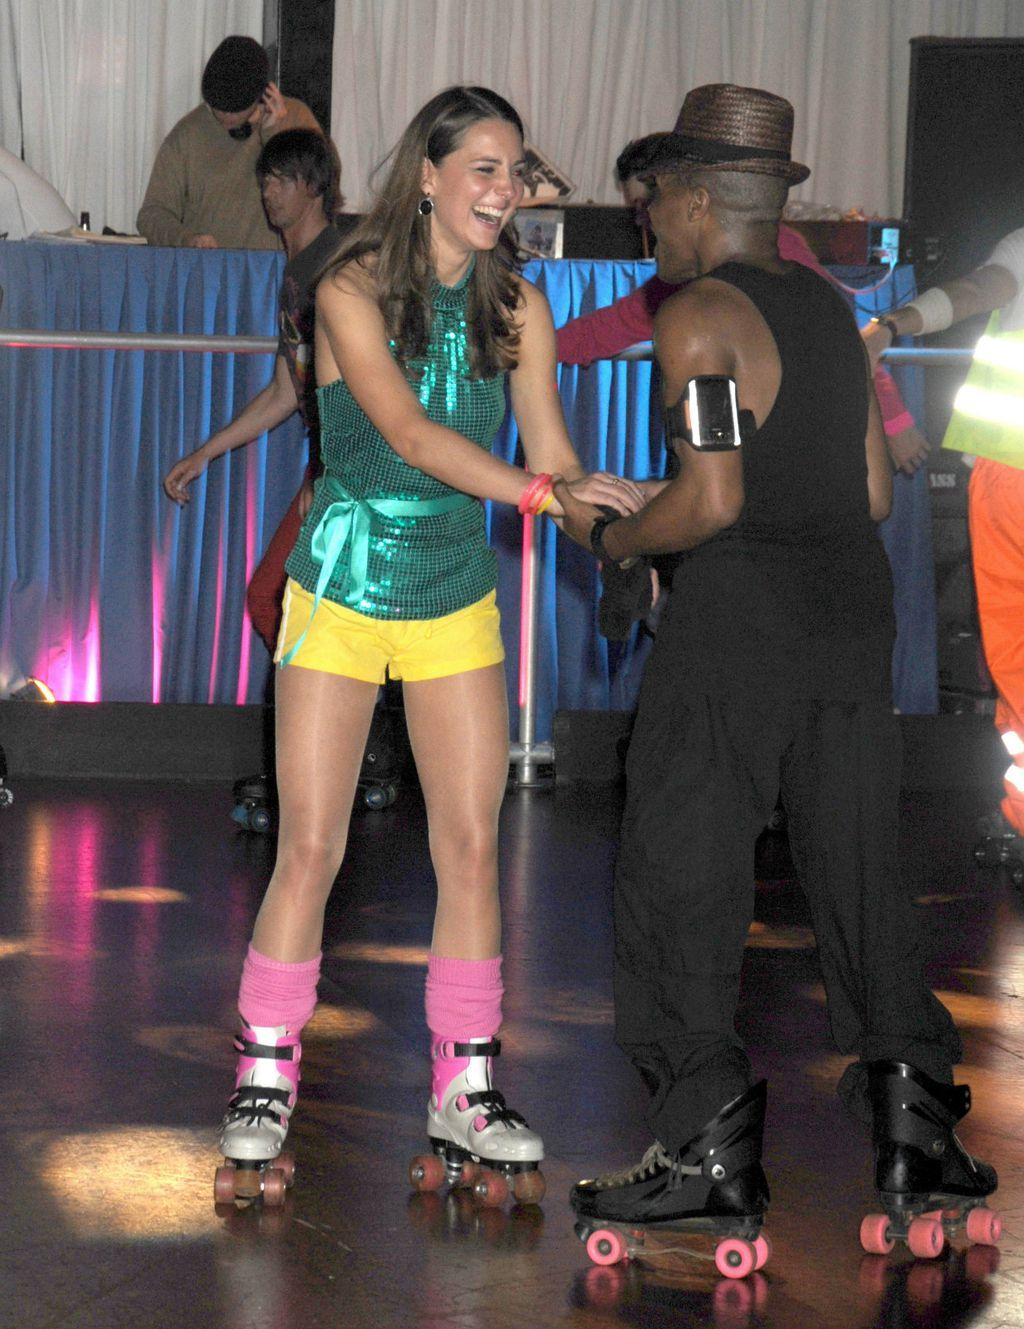 Vojvotkinja je u kratkim hlačama posljednji put viđena 2008. na proslavi svog rođendana